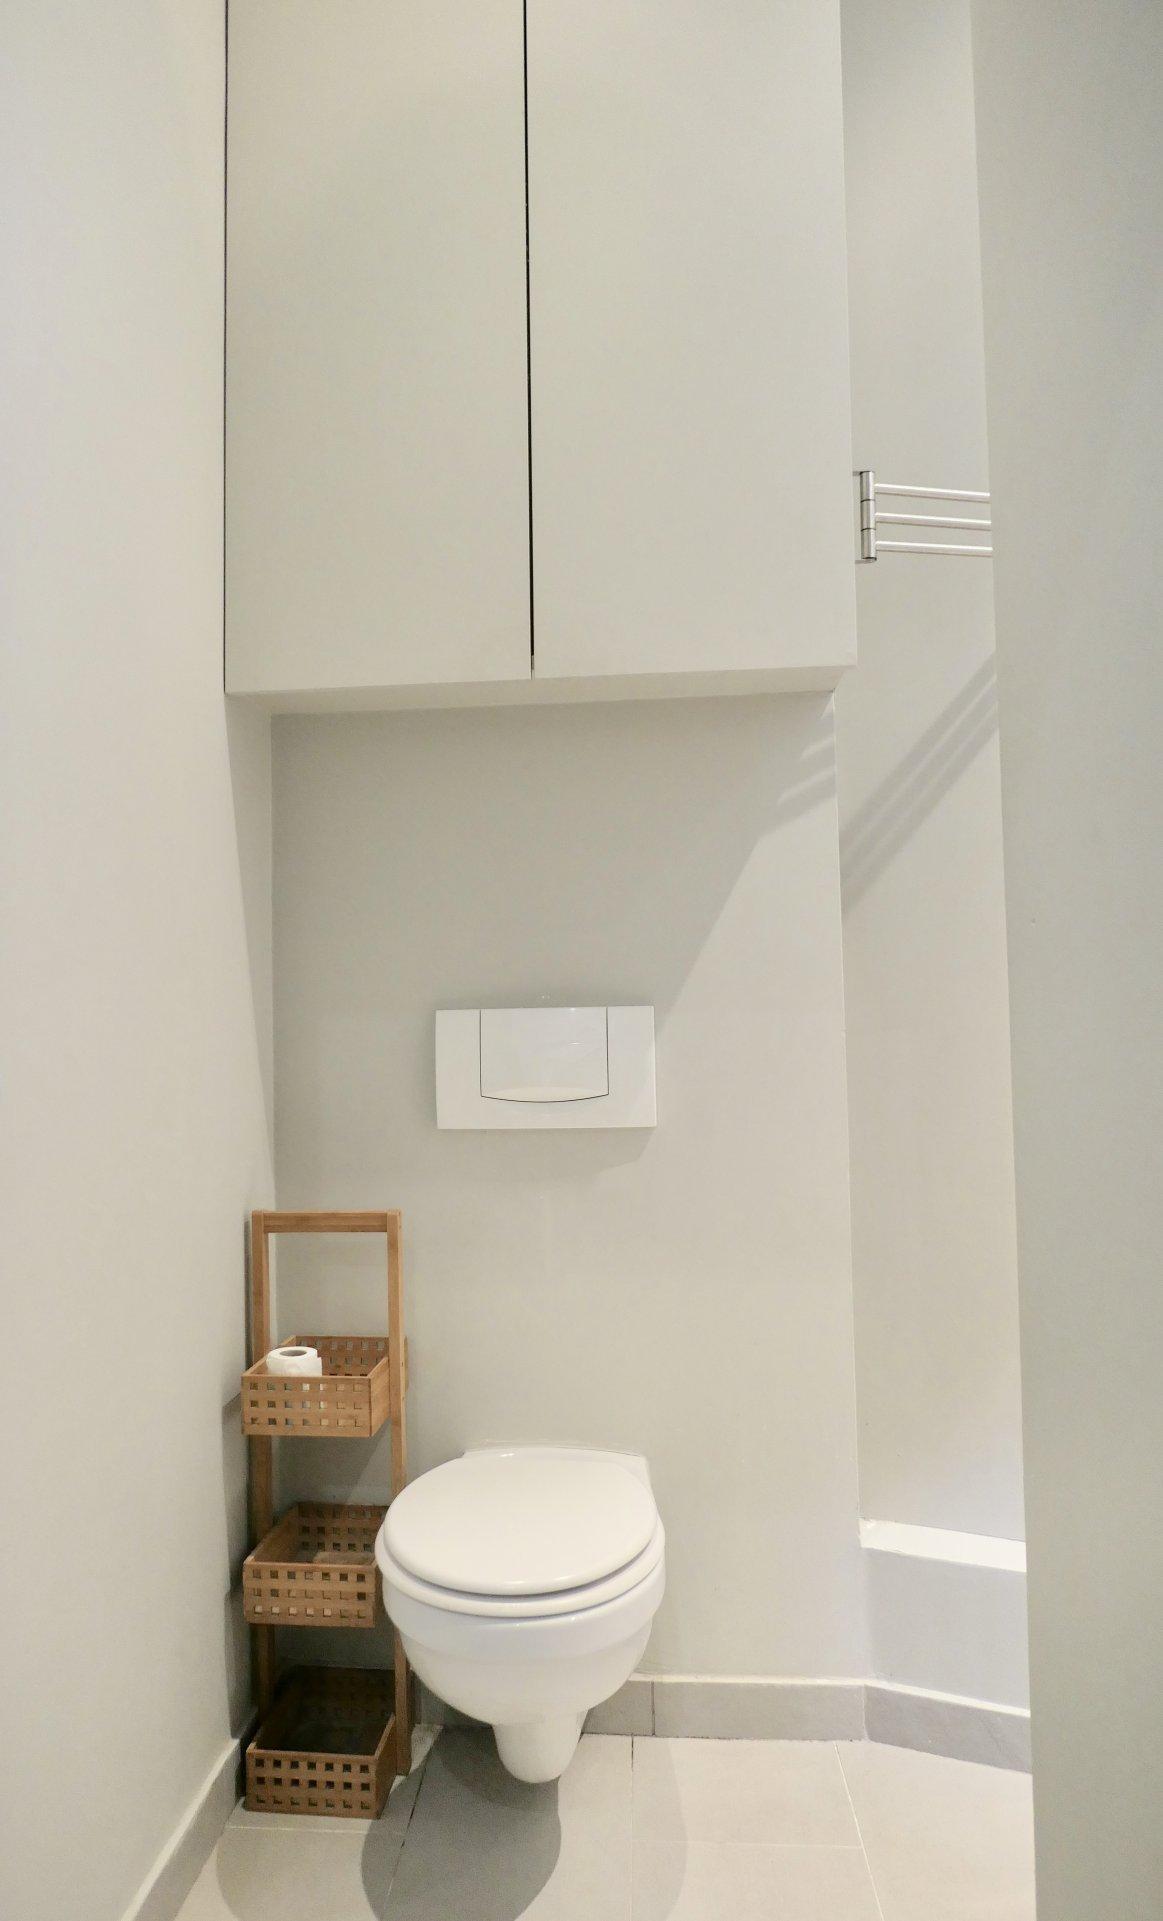 2 pièces - Terrasse - Lamarck Caulaincourt